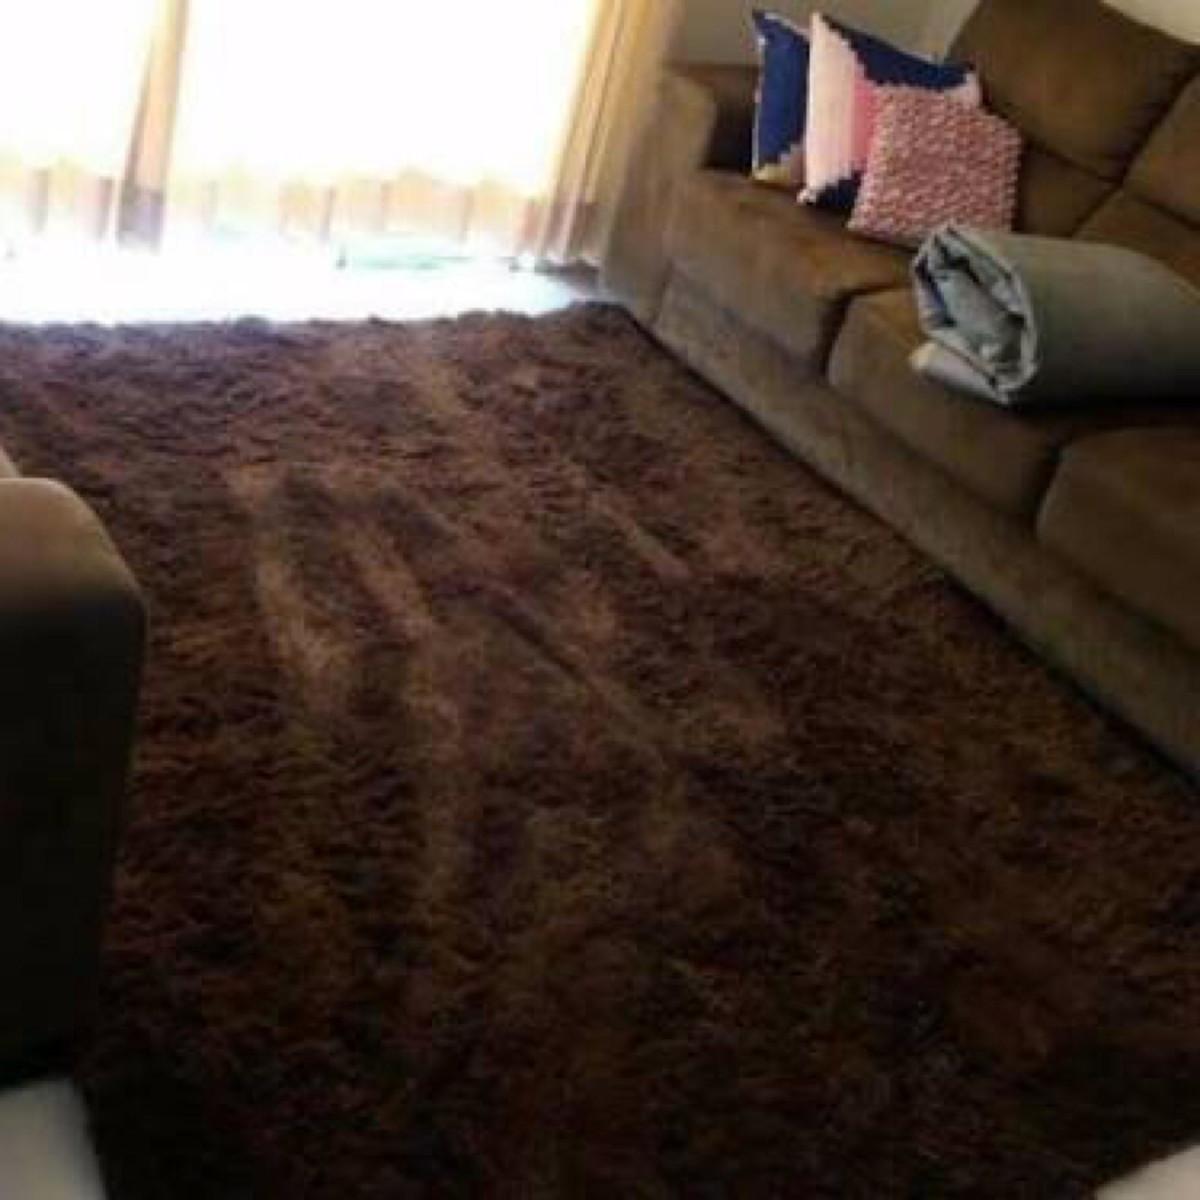 Tapete felpudo marrom caf 1 75x2 00 m tapetes design for Esstisch 2 00 m